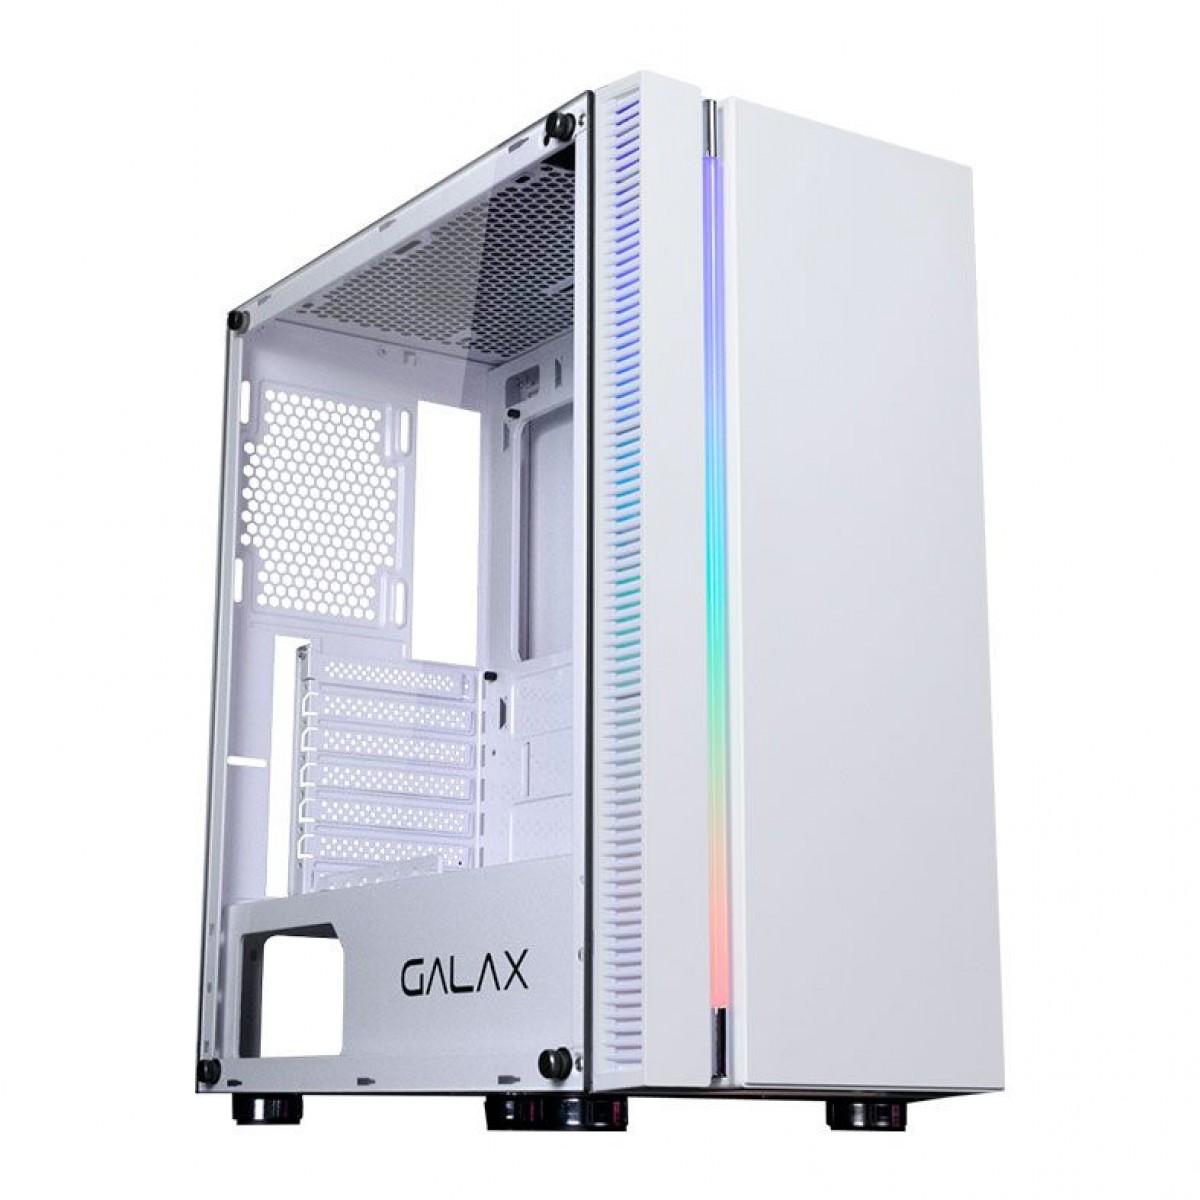 PC Gamer T-MOBA Rival Intel i3 9100F / Radeon RX 570 8GB / DDR4 8GB / HD 1TB